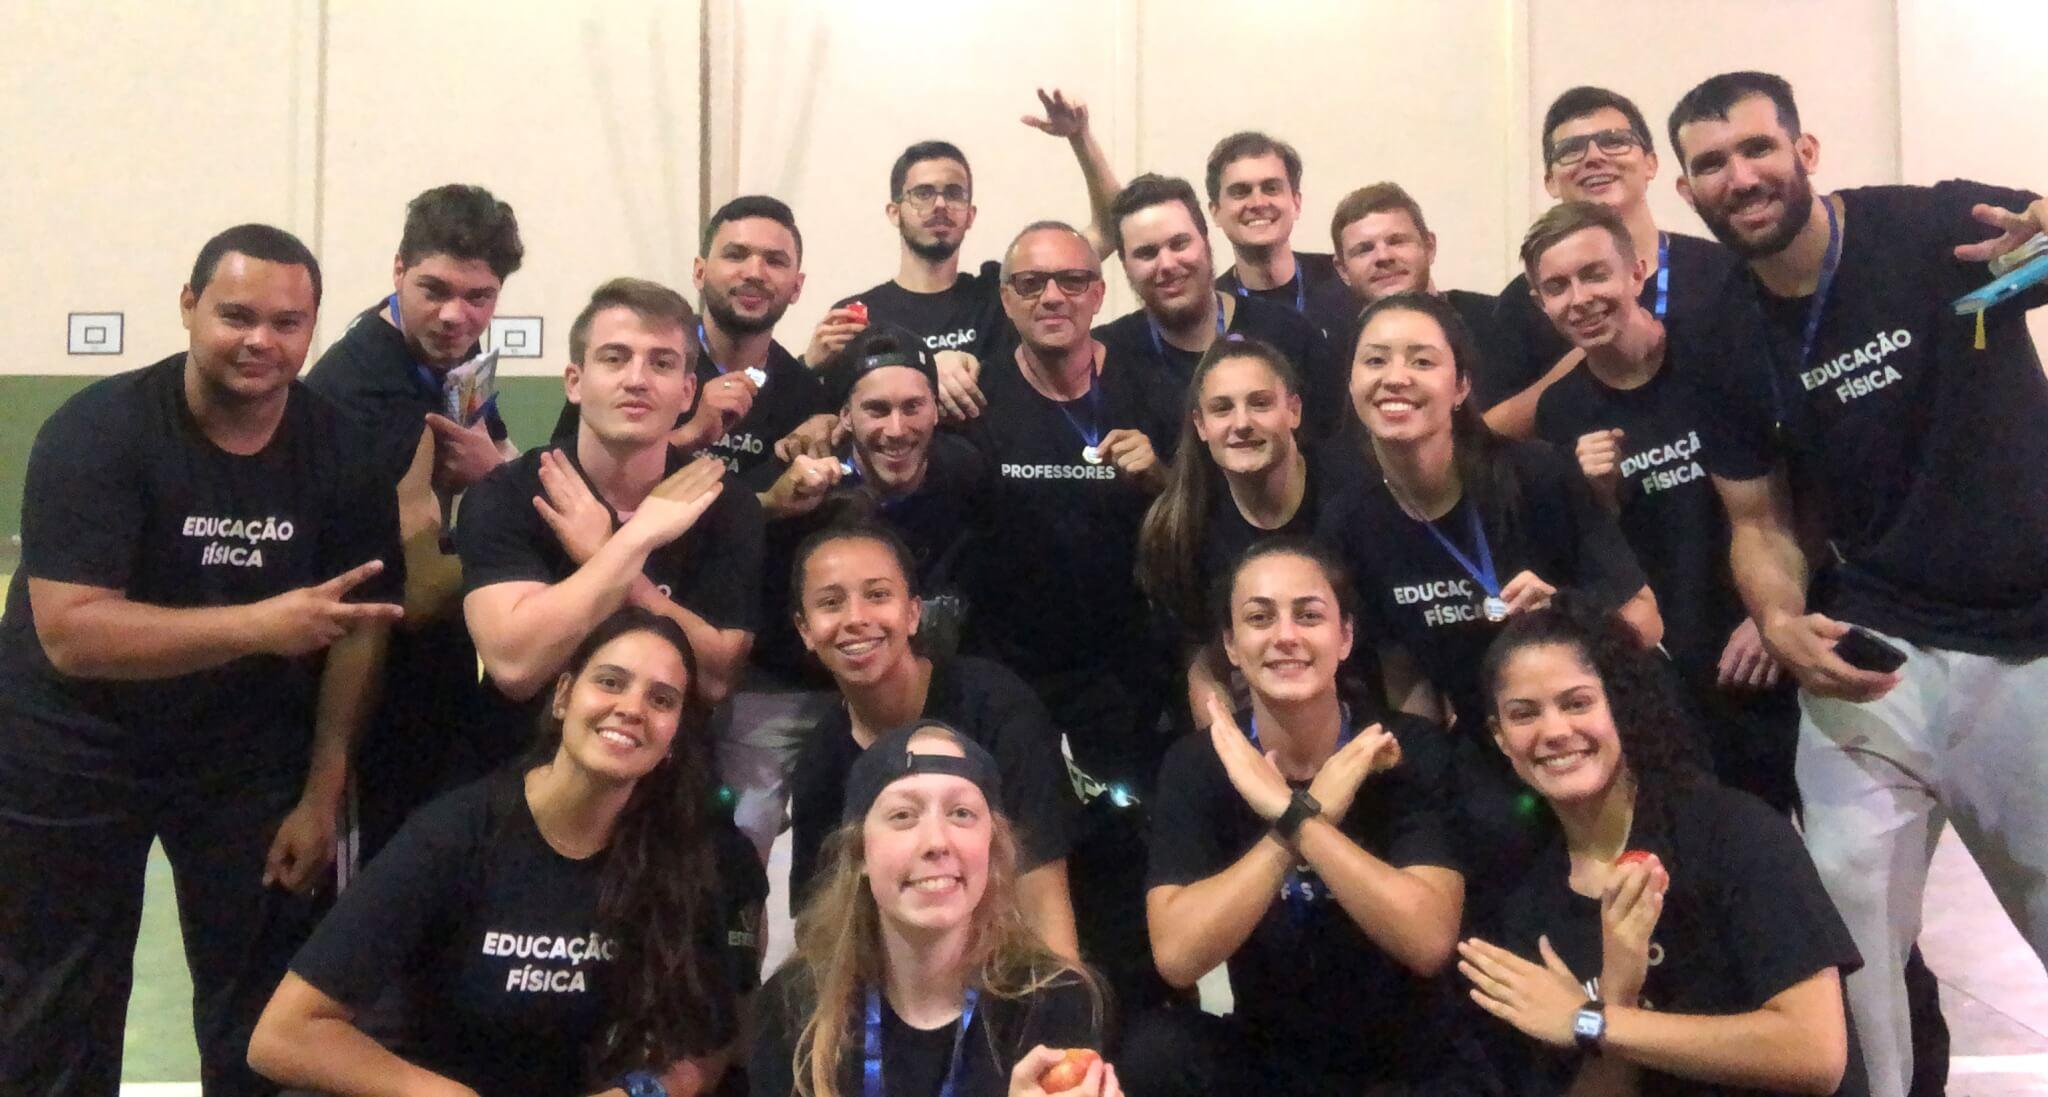 Educação Física UNIFEBE promove atividade na Escola João XXIII